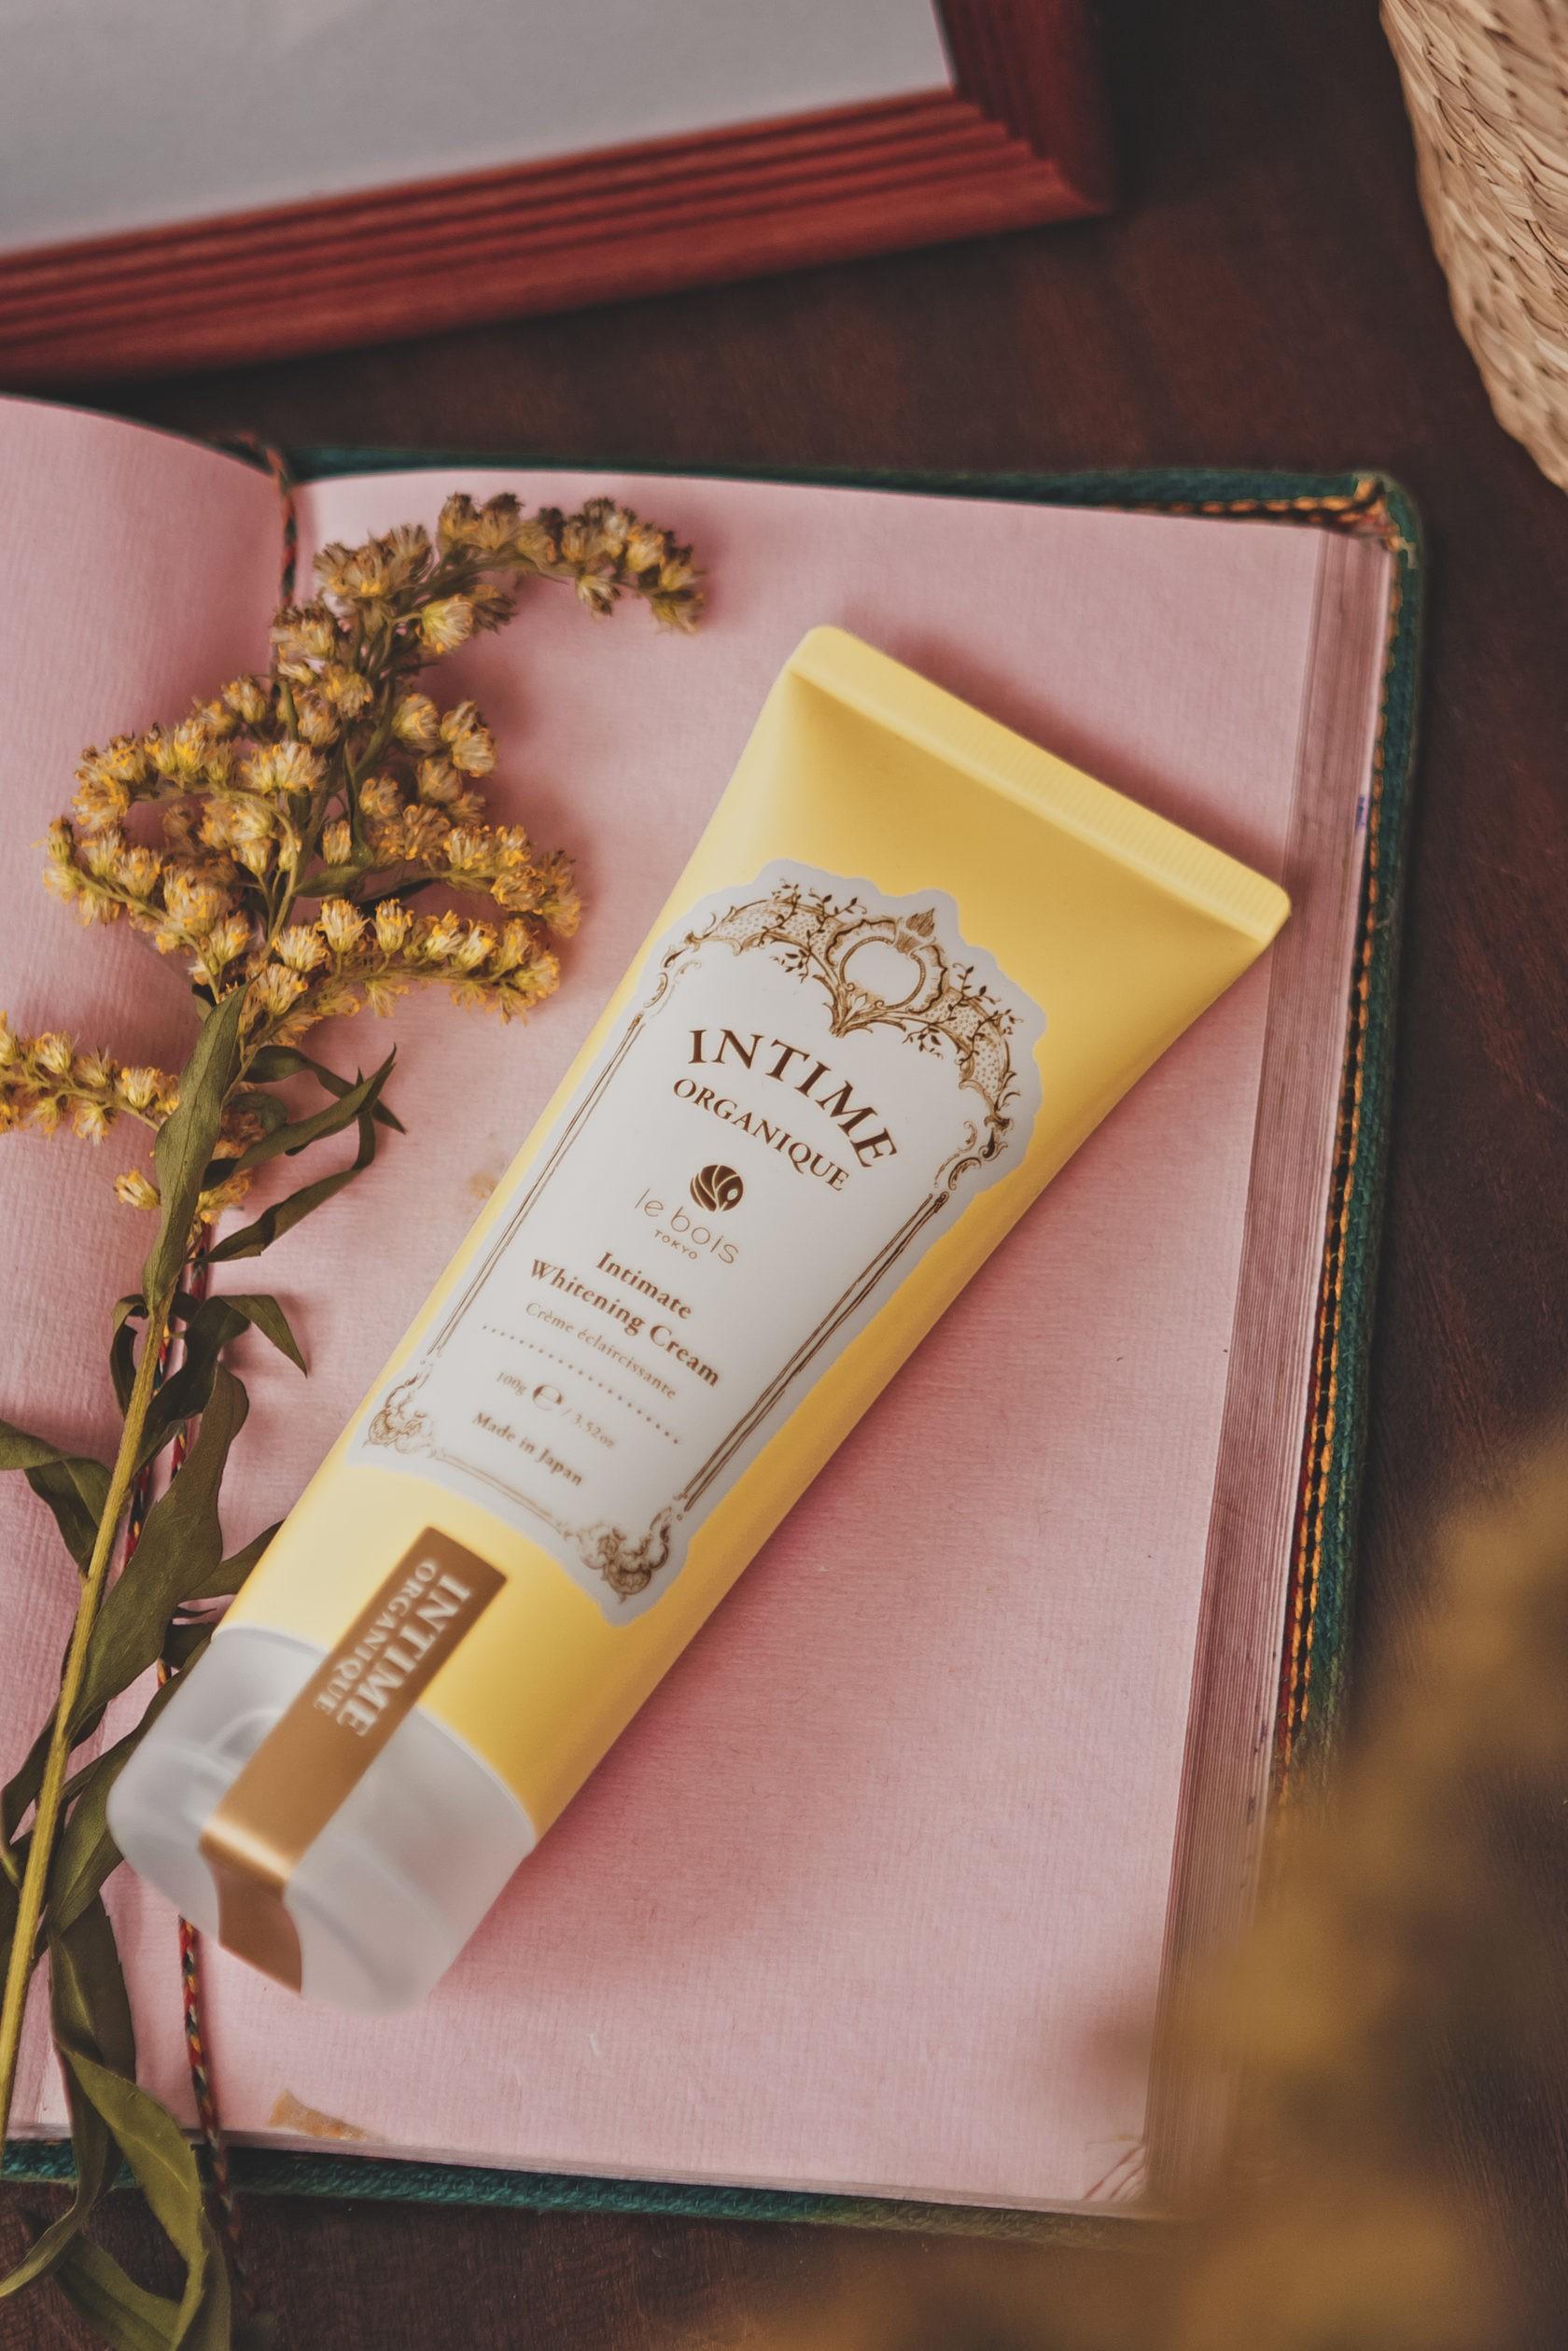 Осветляющий крем для деликатных зон без запаха Whitening Cream FF Intime Organique Япония 100 г(р) — фото №2